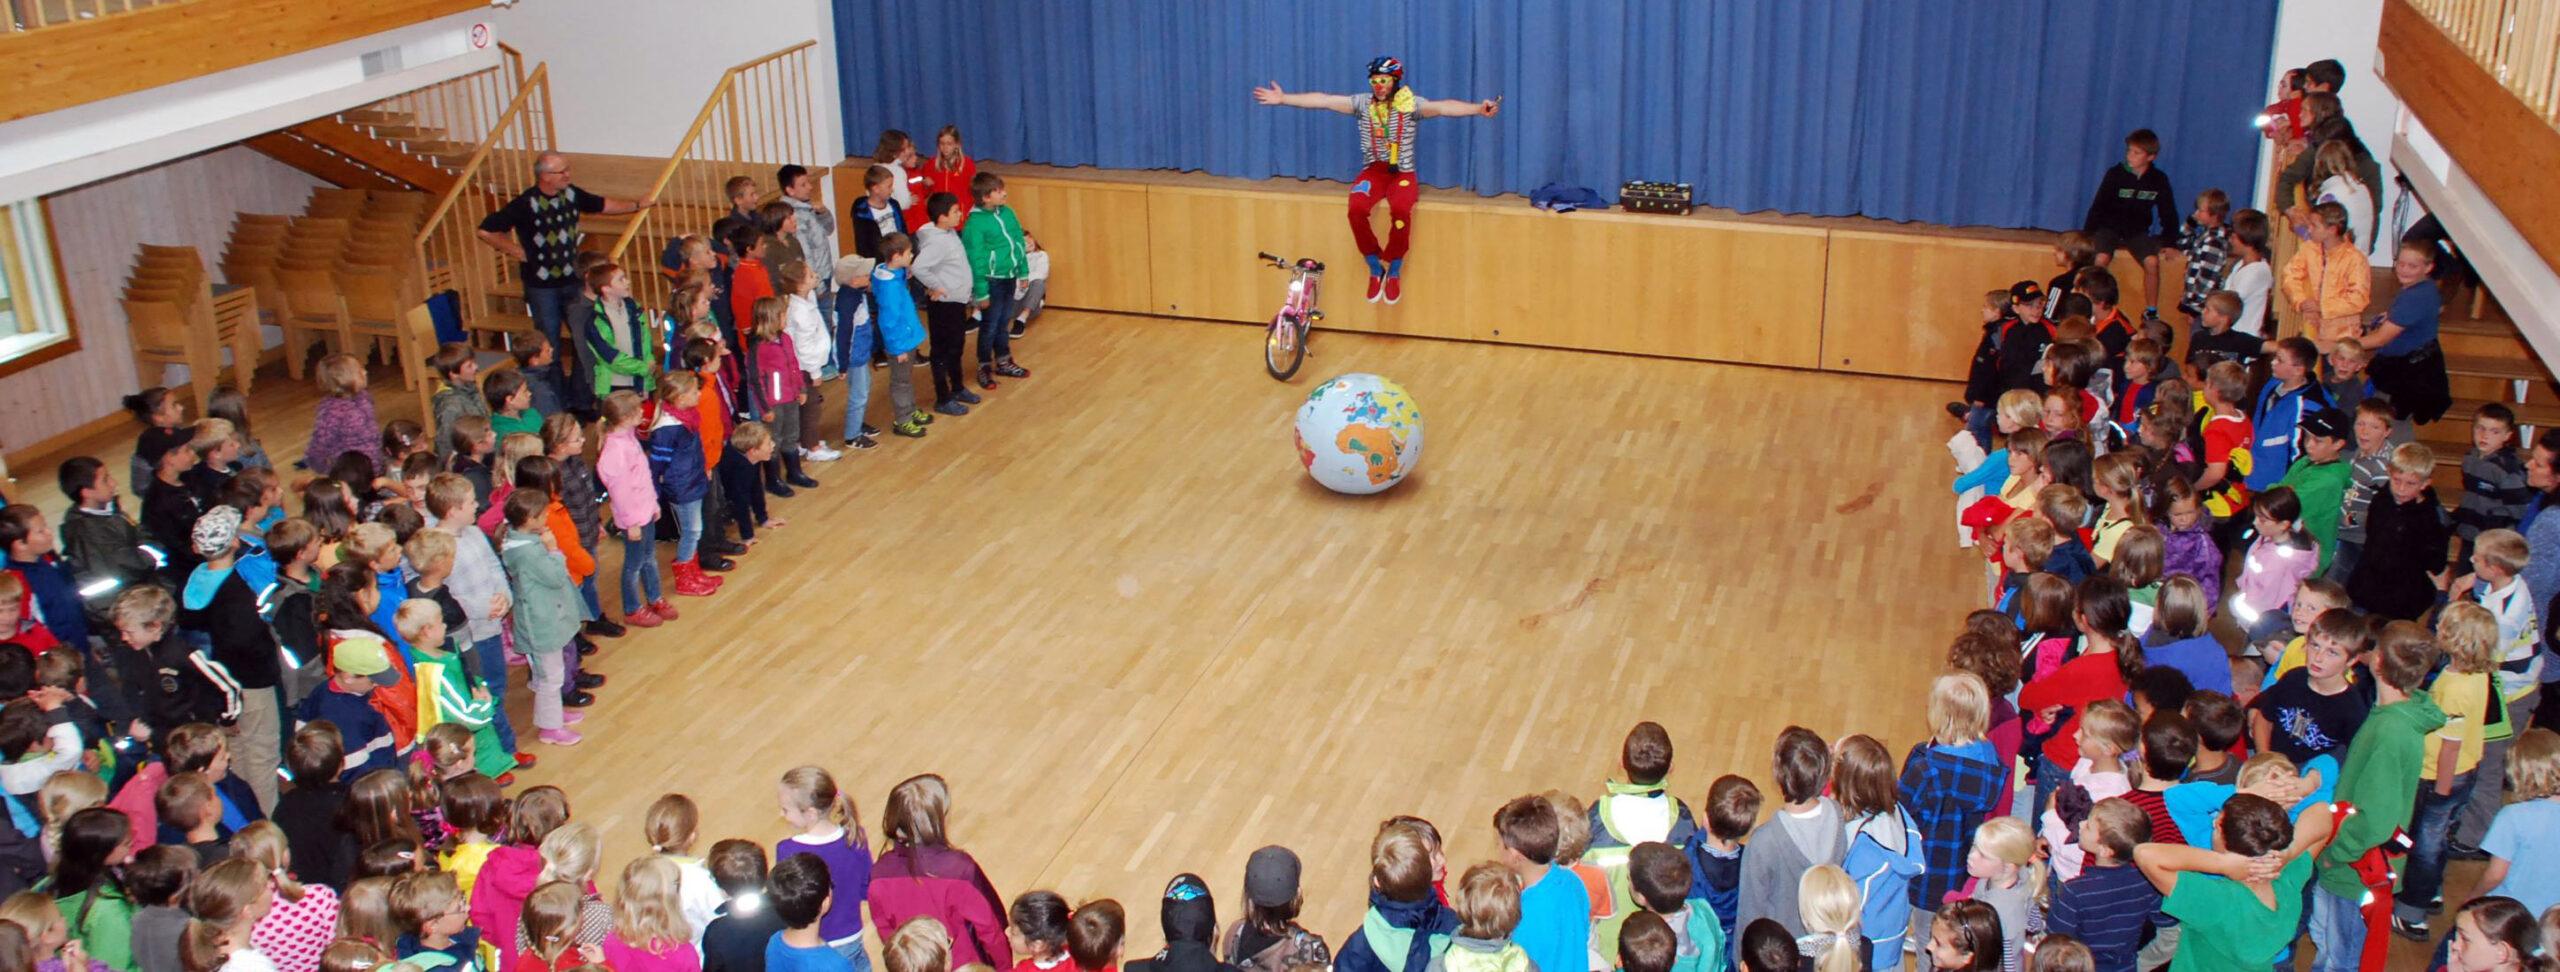 Klimaclown Hugo Auftritt in einer Volksschule